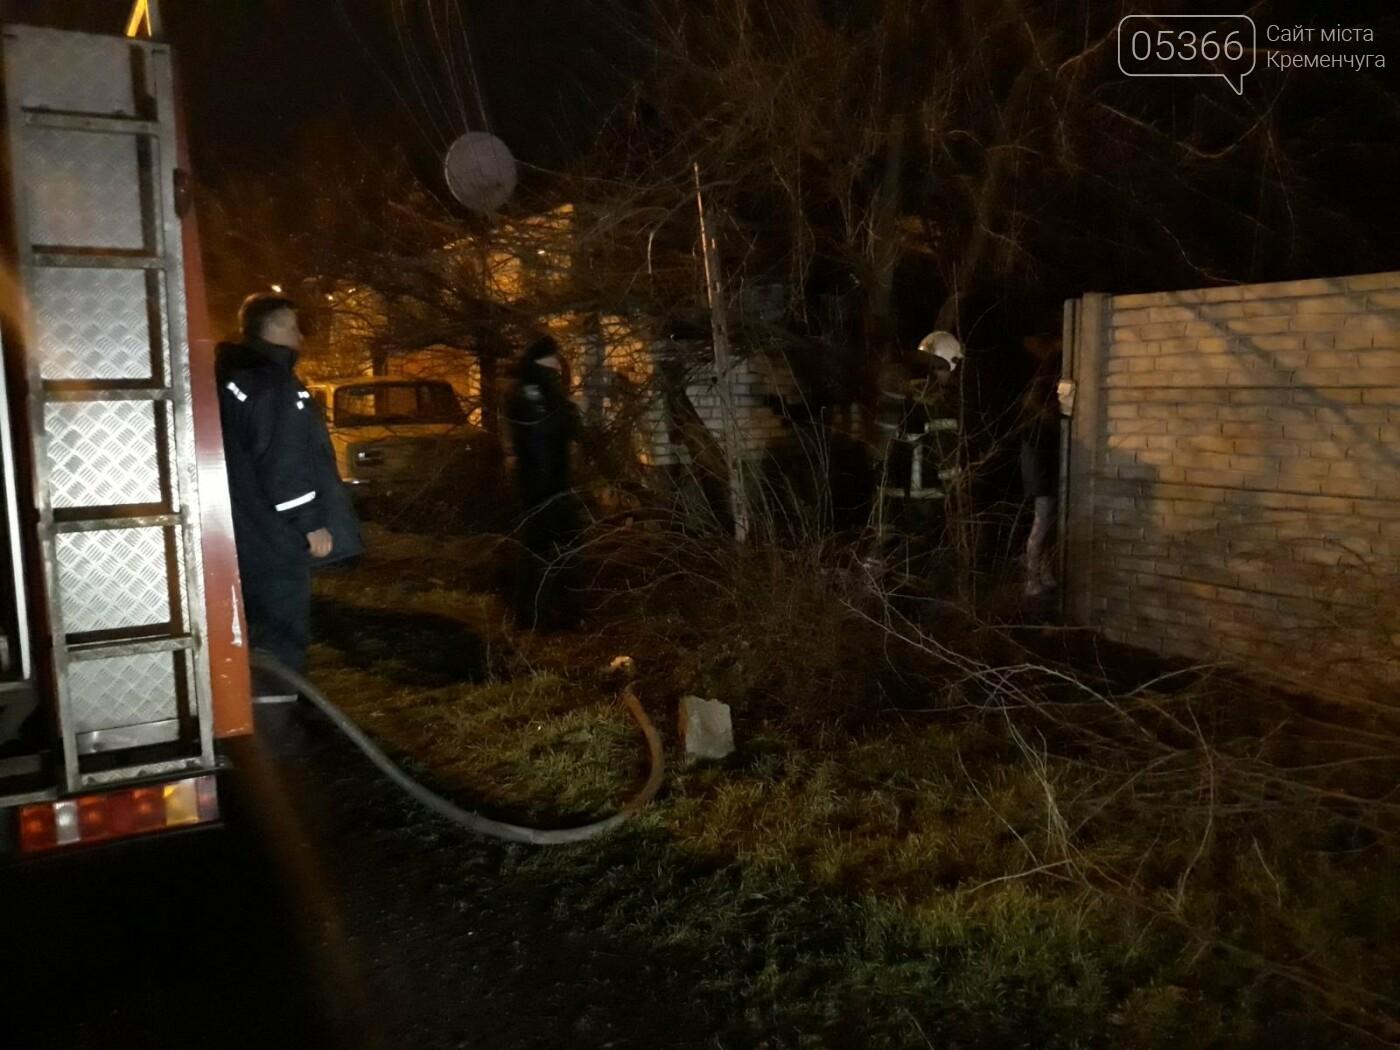 У Кременчуці пожежники гасили вогонь в будинку: пенсіонер отримав опіки, фото-1